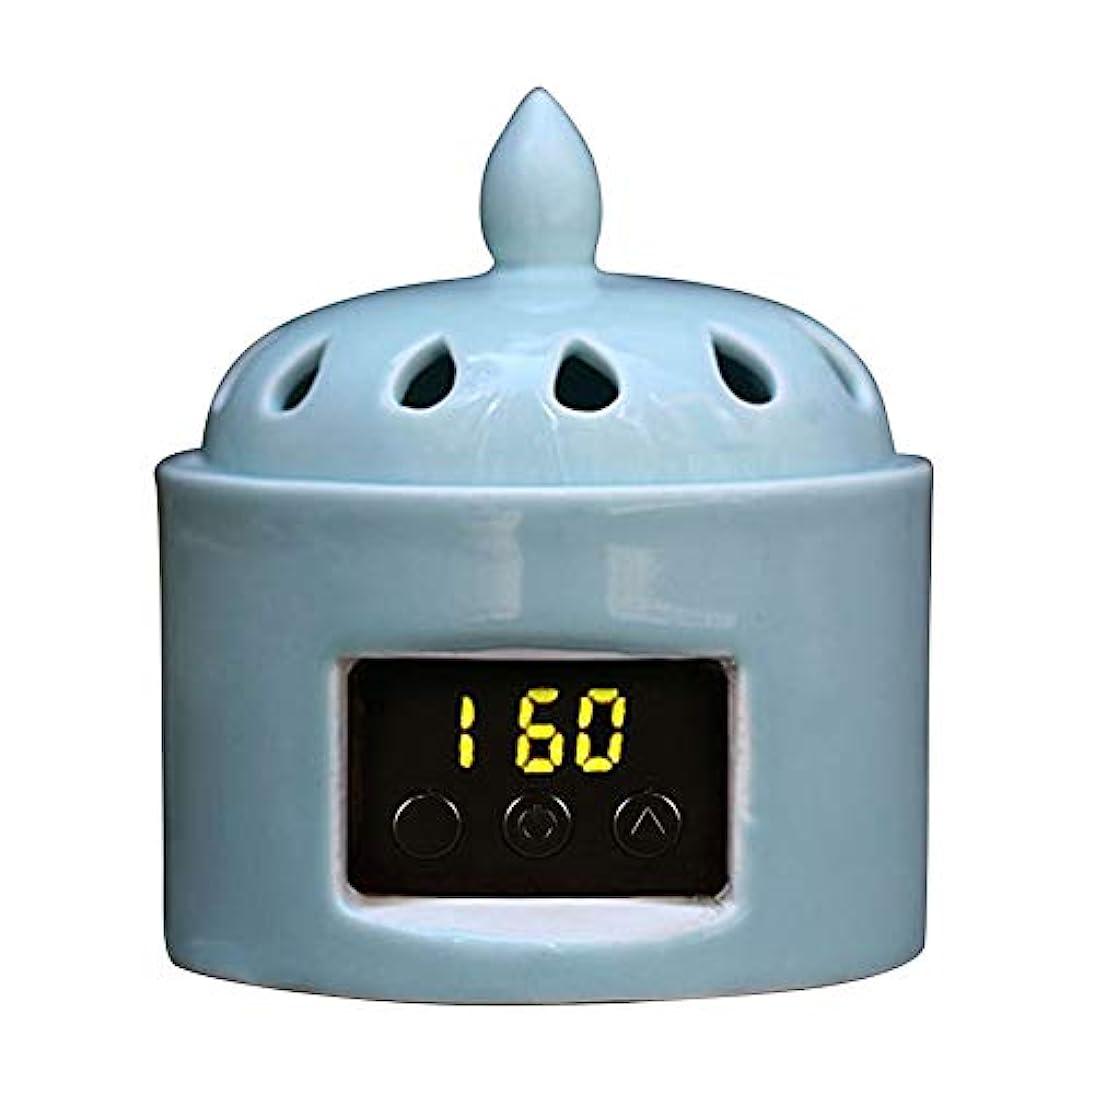 砲撃失礼な誰のアロマディフューザー LCD温度制御 香炉、 電気セラミック 寒天 エッセンシャルオイル アロマテラピーディフューザー、 ホーム磁器、 バルコニー、 ポーチ、 パティオ、 ガーデンエッセンシャル セラミック電気香炉